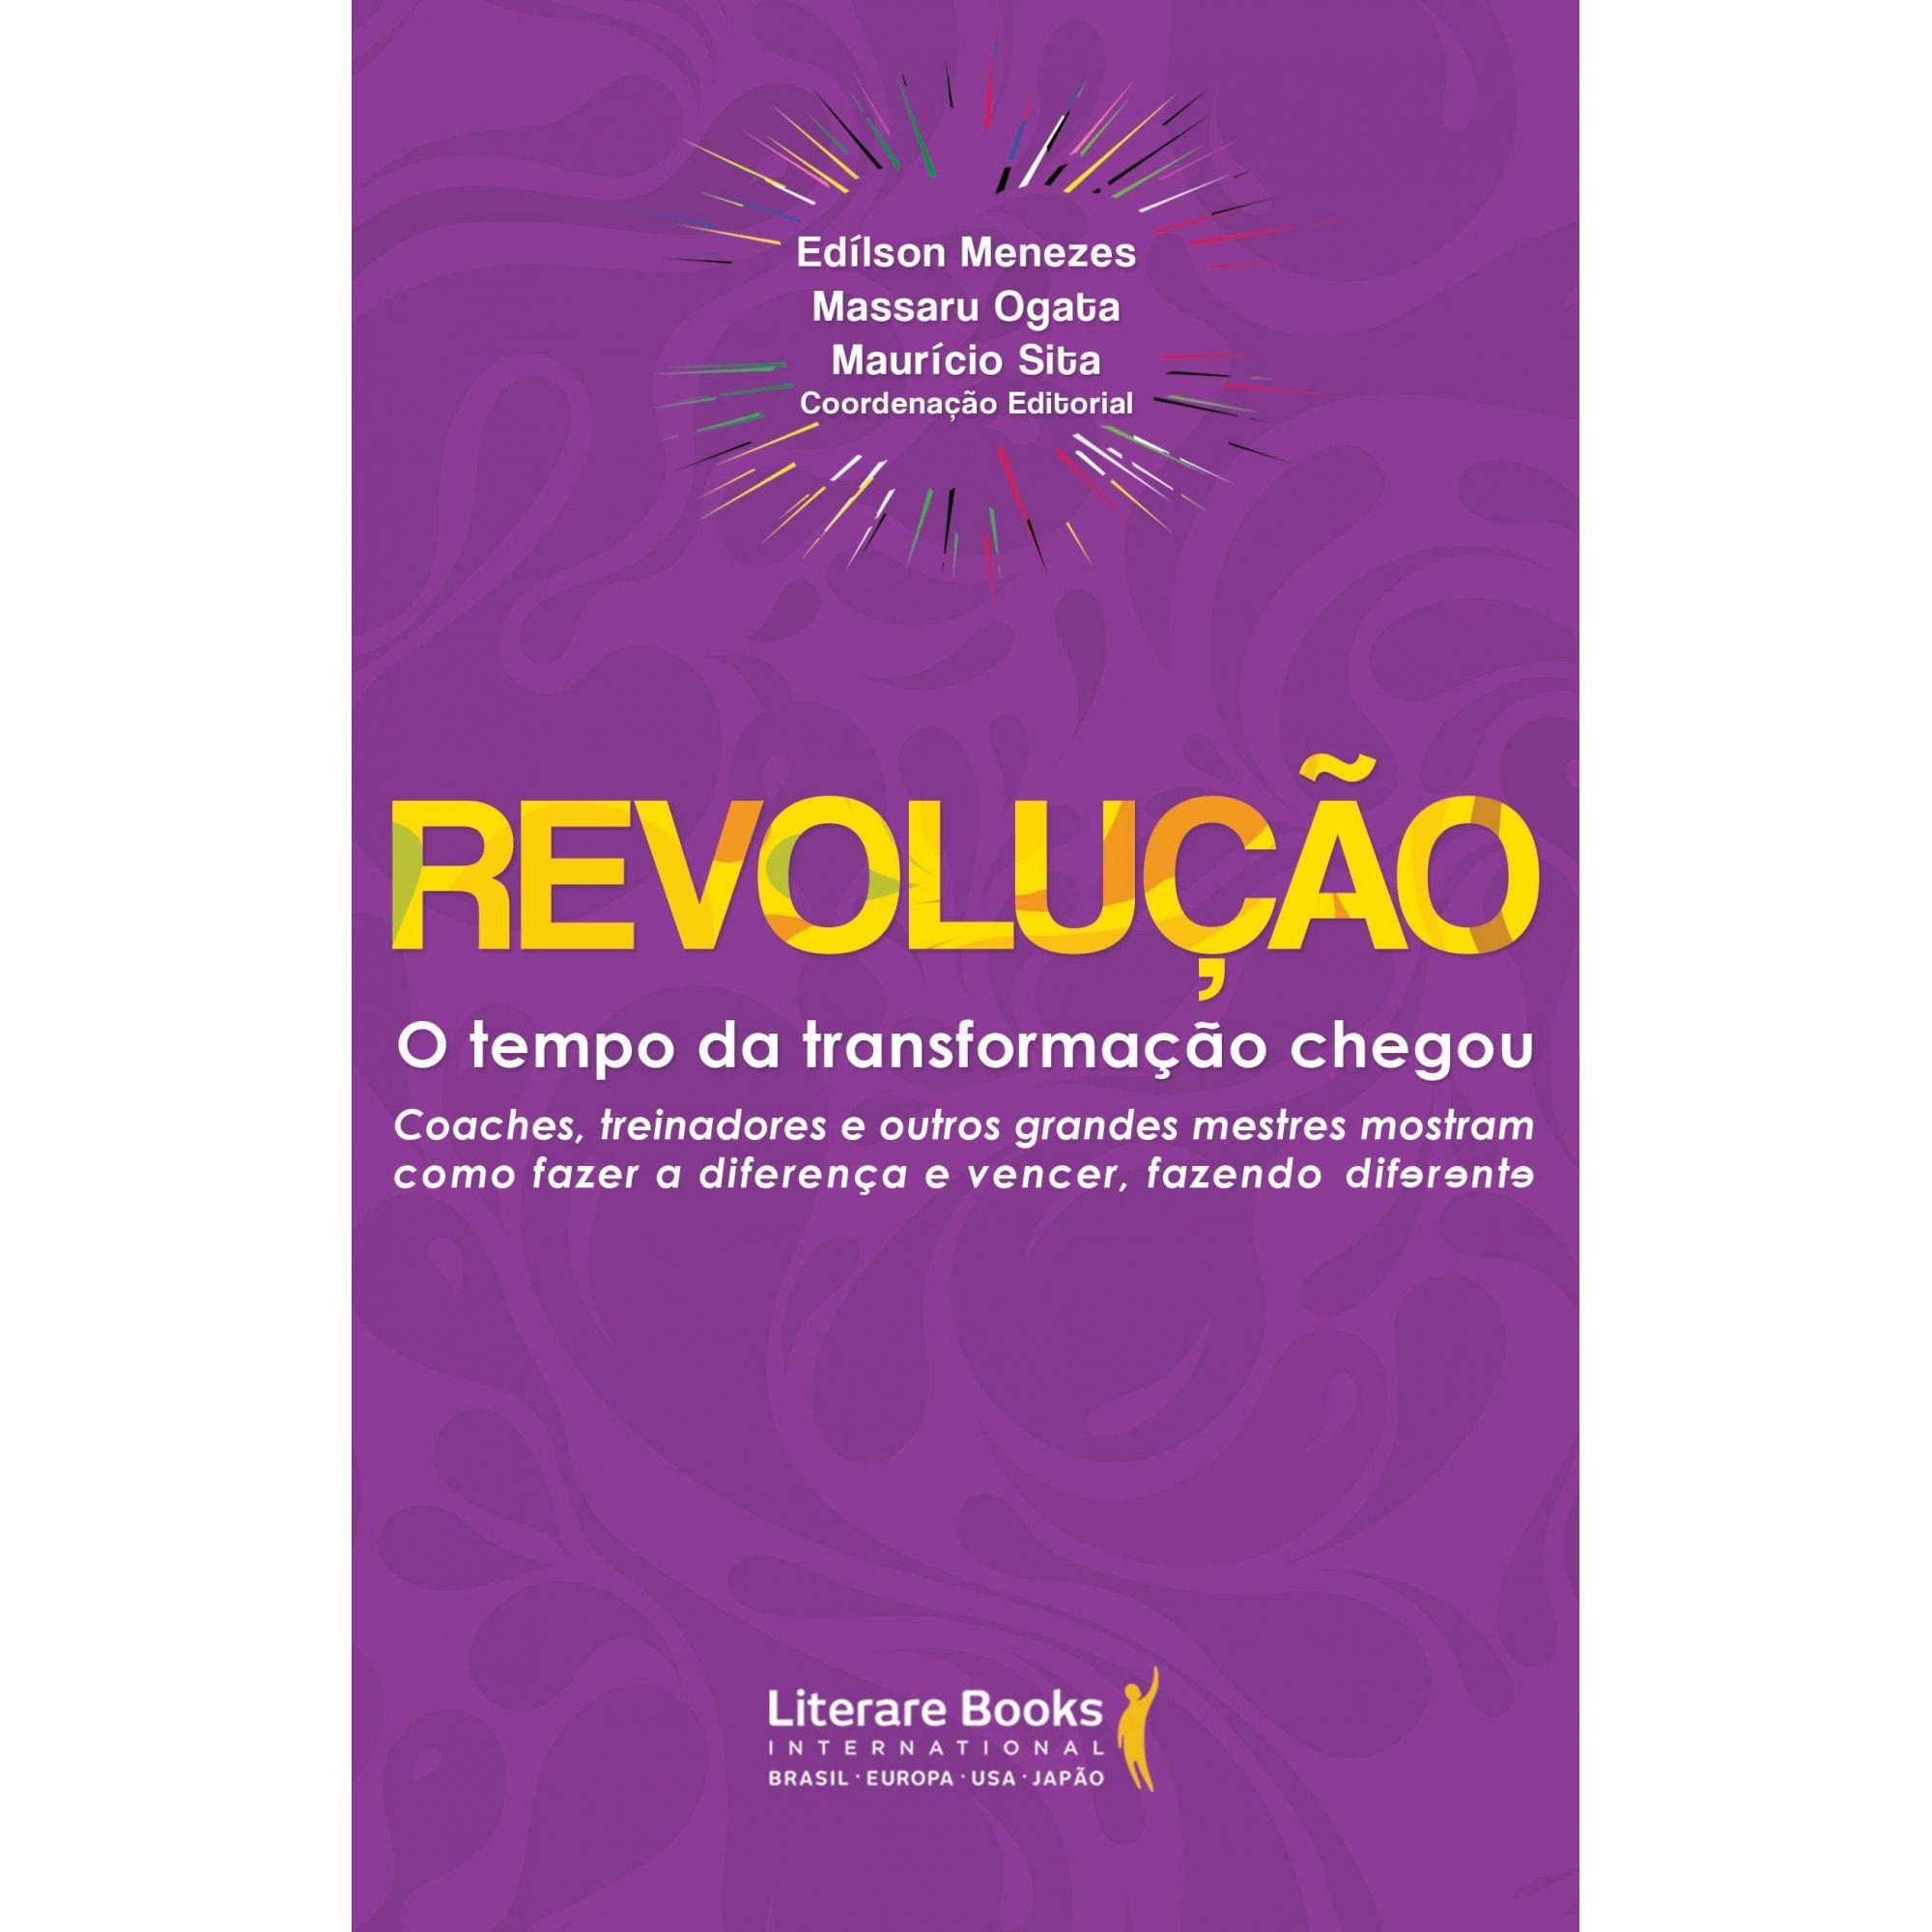 Revolução: o tempo da transformação chegou